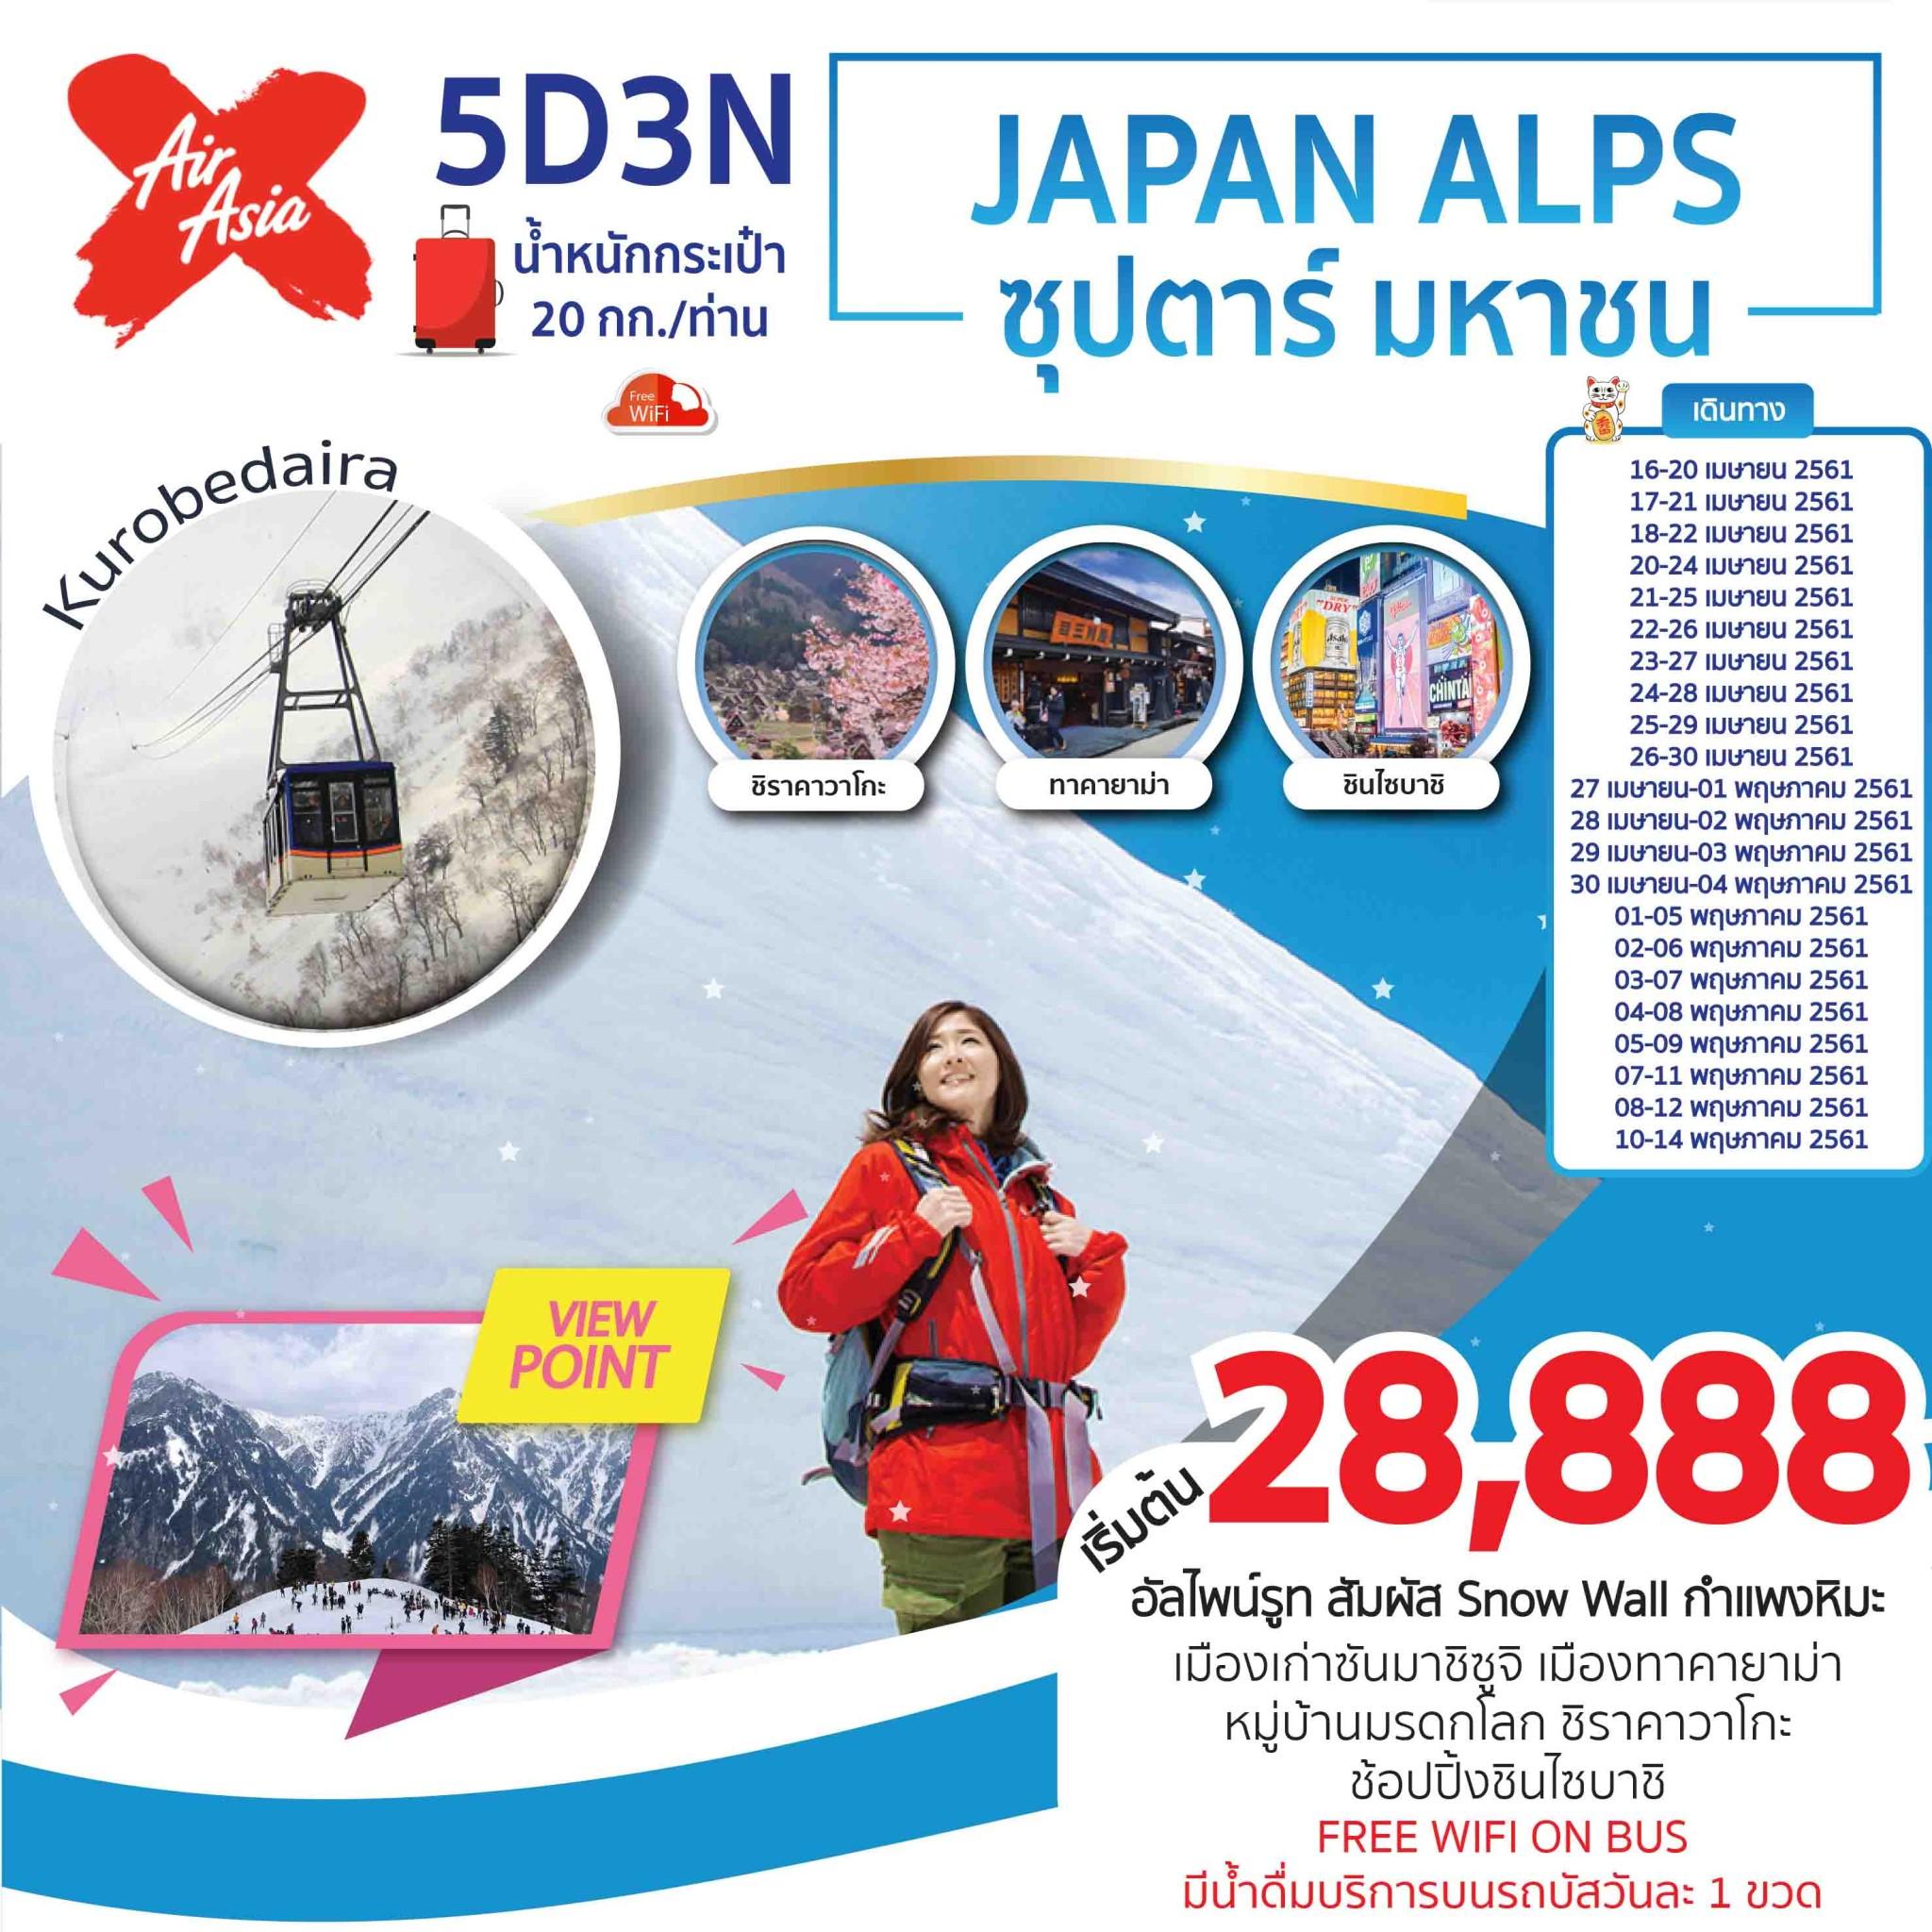 ญี่ปุ่น JAPAN ALPS   5D 3N